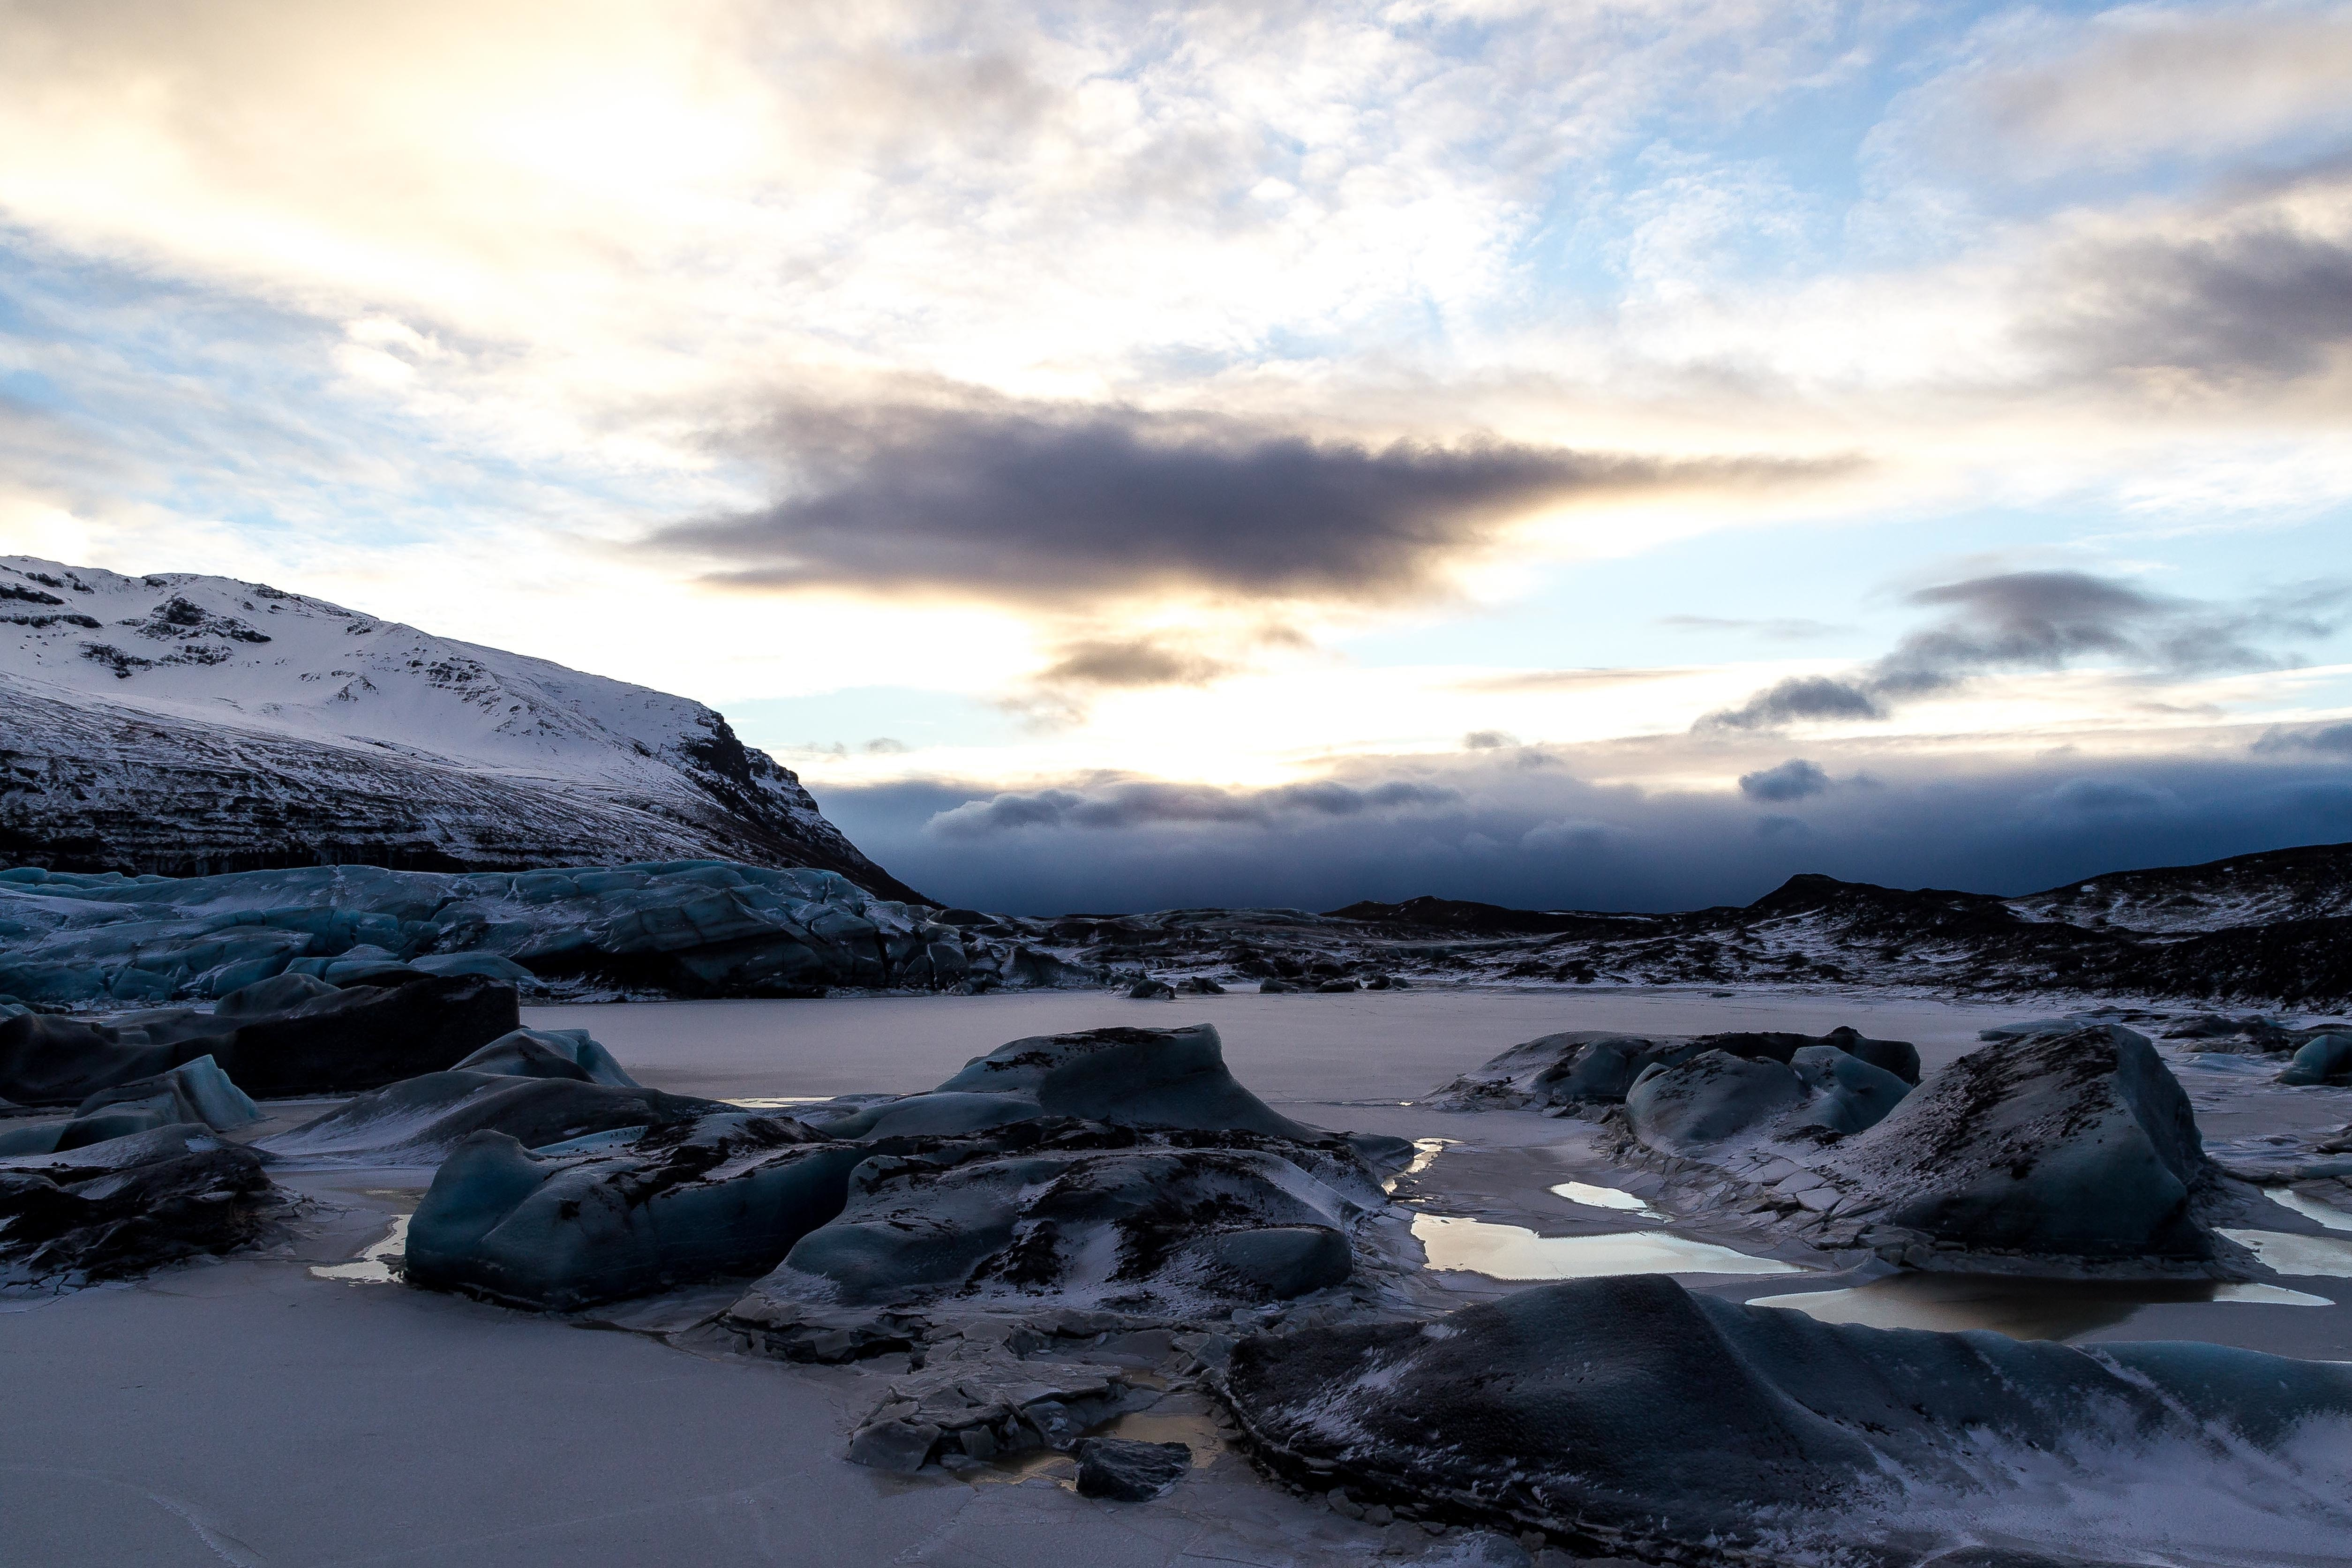 冰岛的雪地摩托、冰原摩托